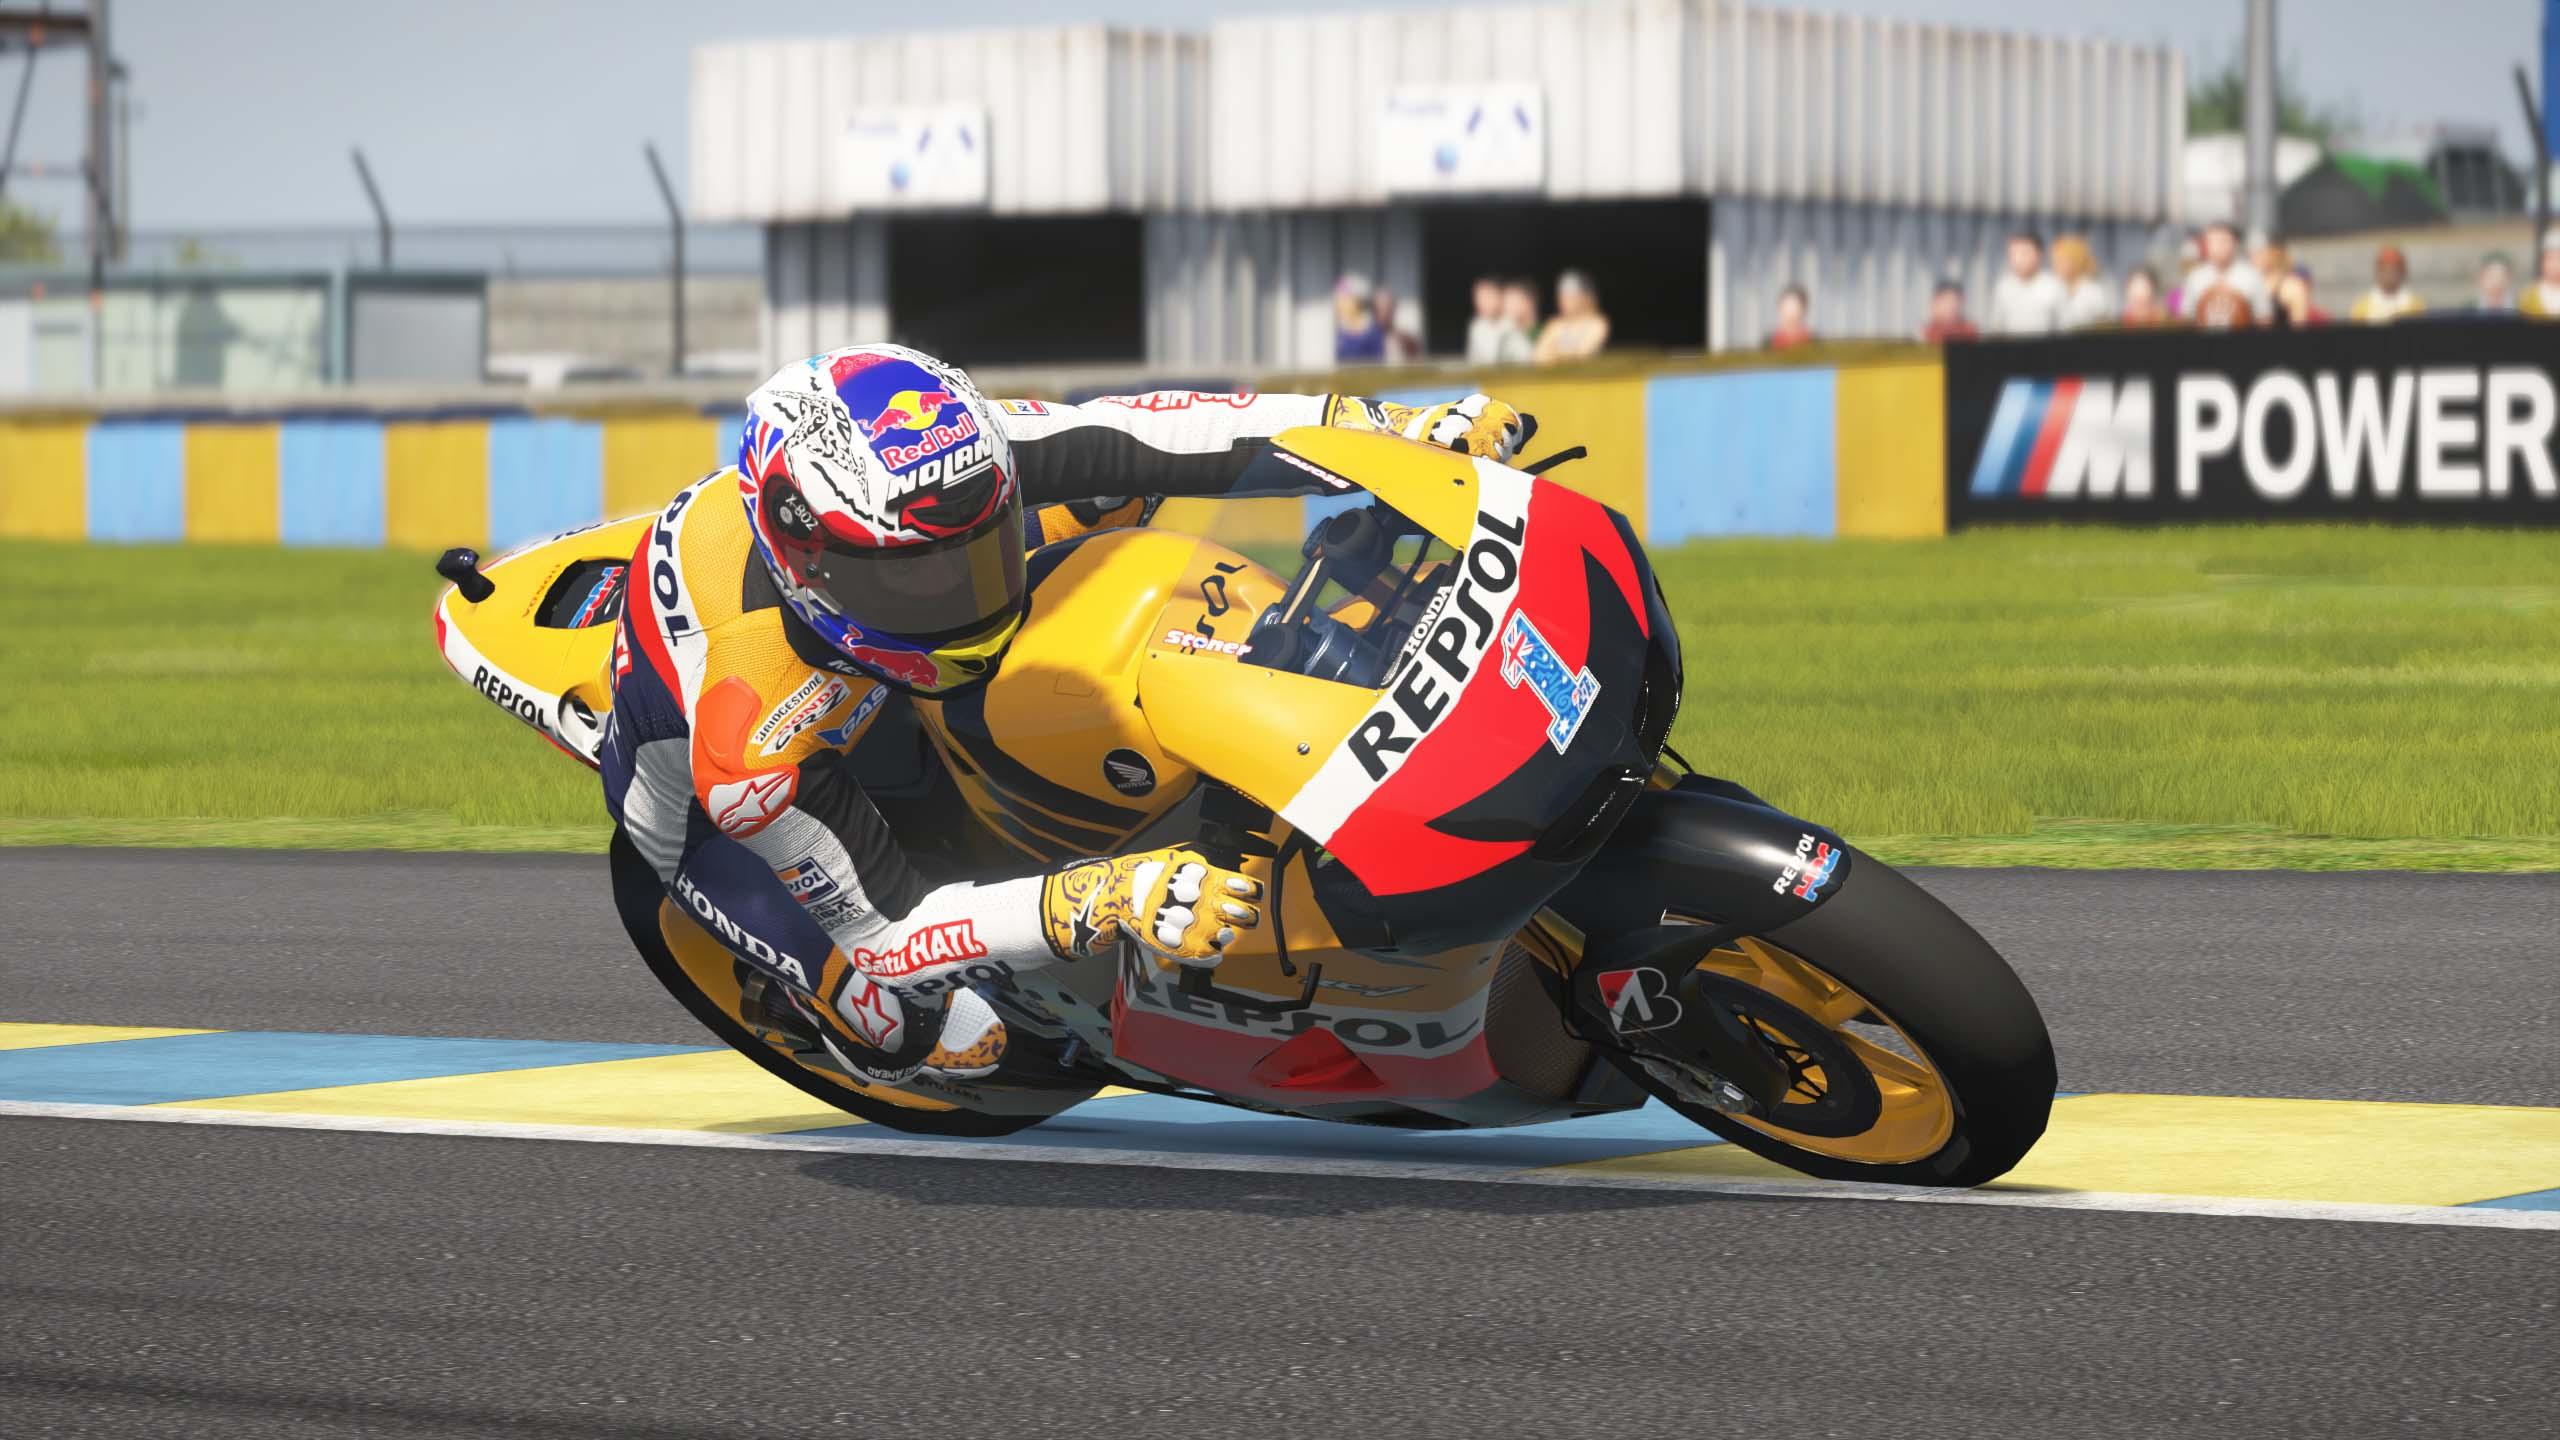 MotoGPVR46X64 2016-09-01 21-42-01-18.jpg